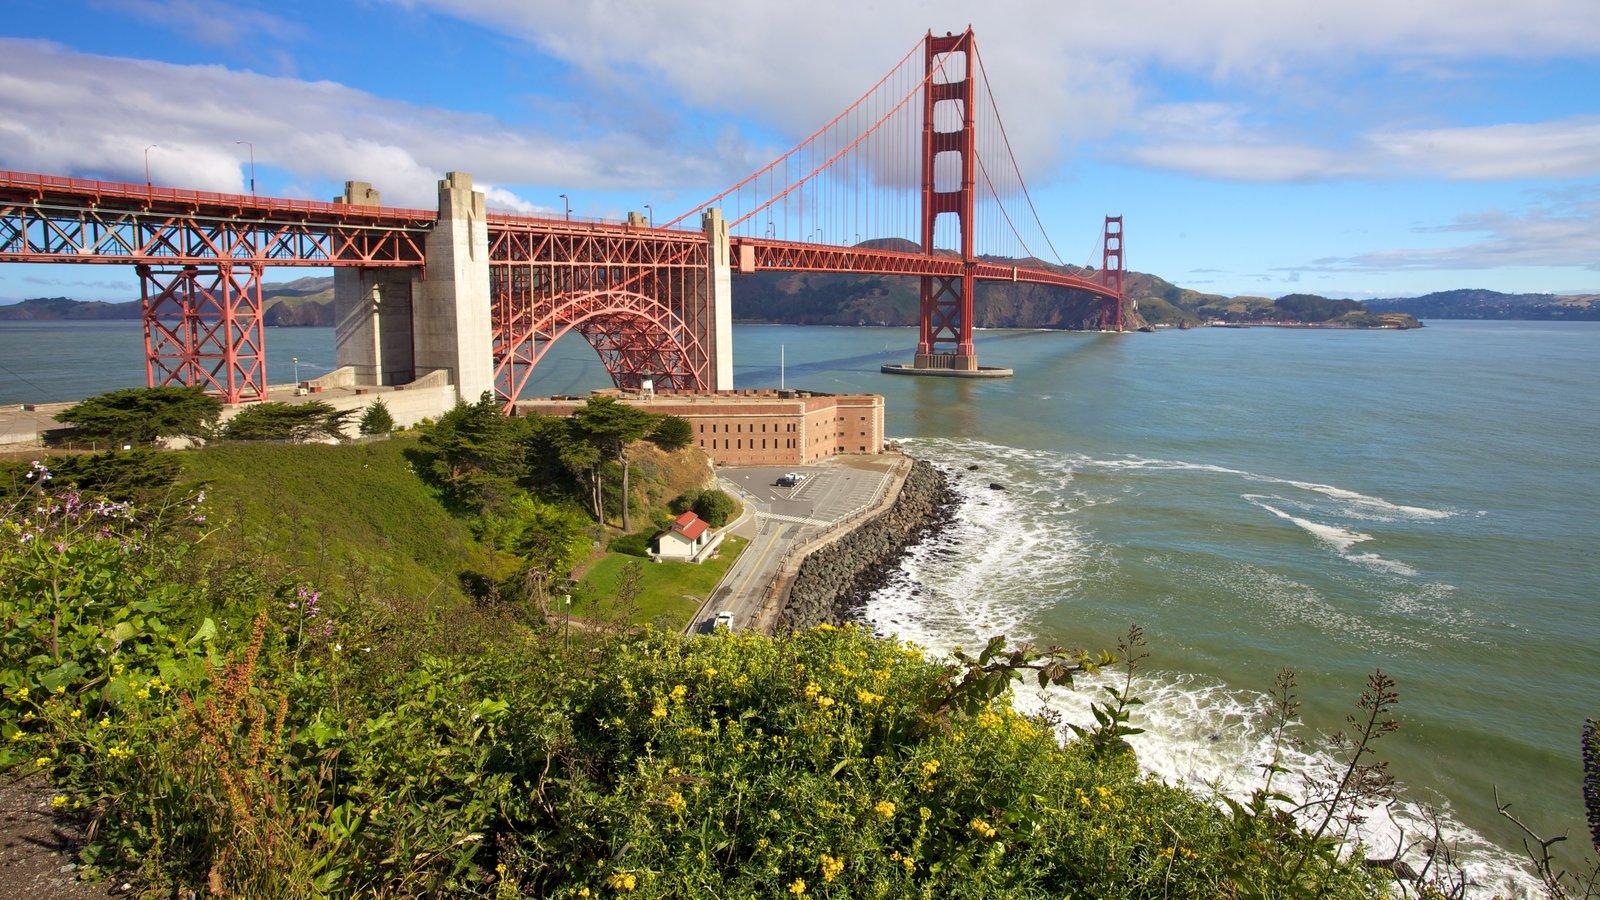 Golden Gate Bridge caracterizando uma ponte, paisagem e paisagens litorâneas